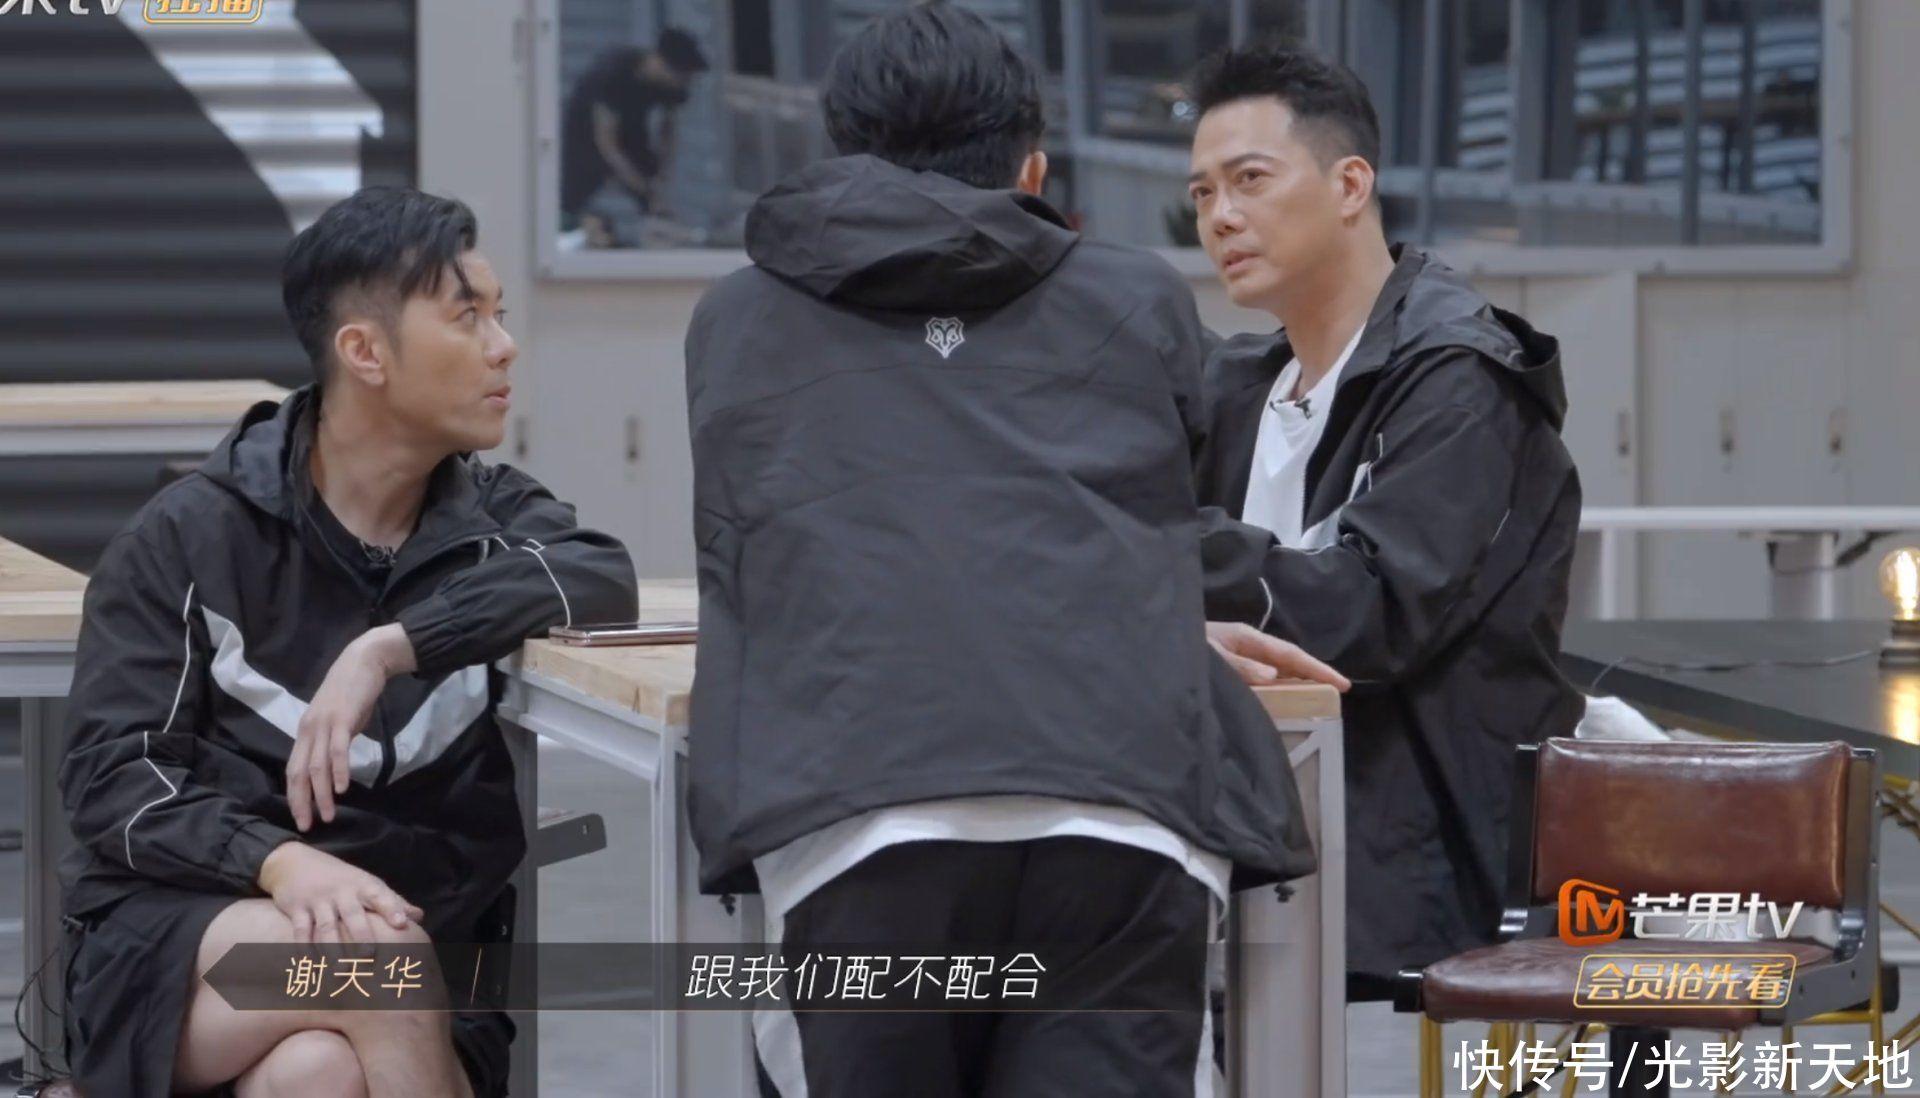 网曝林志炫想退出《哥哥》 节目中的表现败北 生日没人送礼物